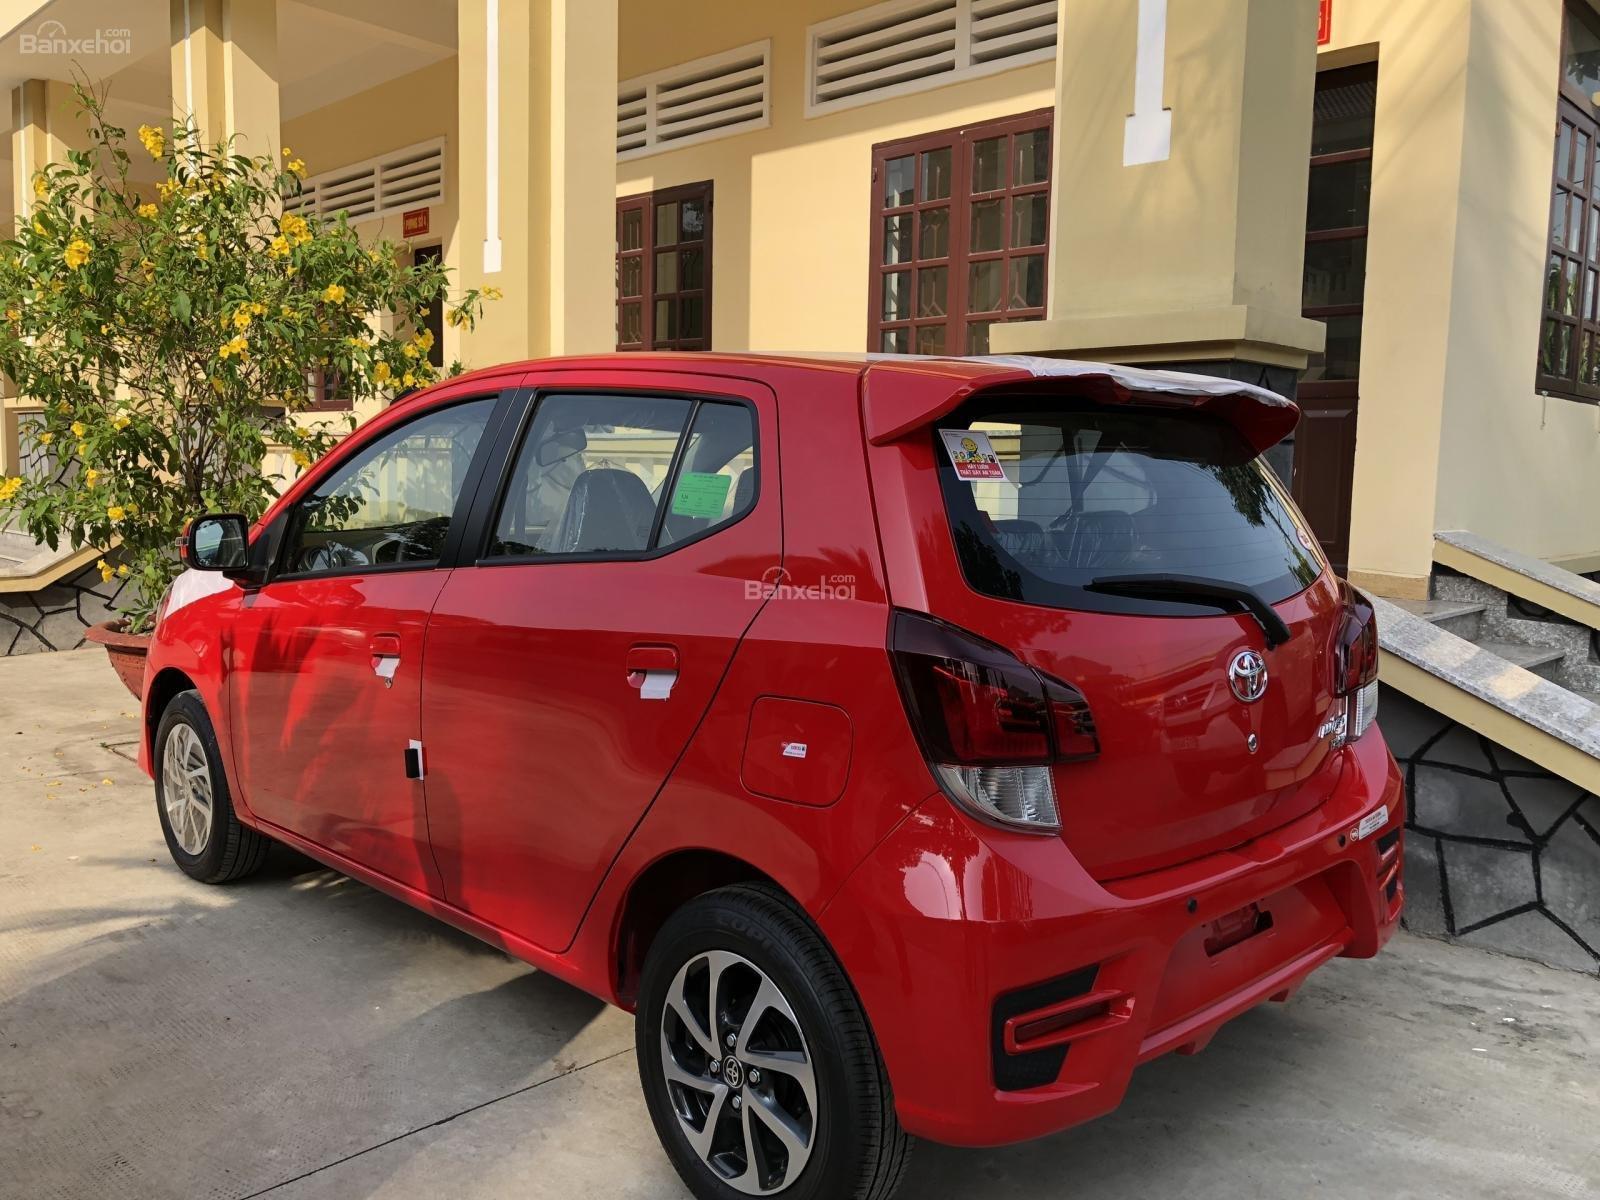 [Toyota An Sương] Toyota Wigo, đỏ nhập khẩu Indonesia-100tr giao ngay-LH: 0907.03.03.94-1